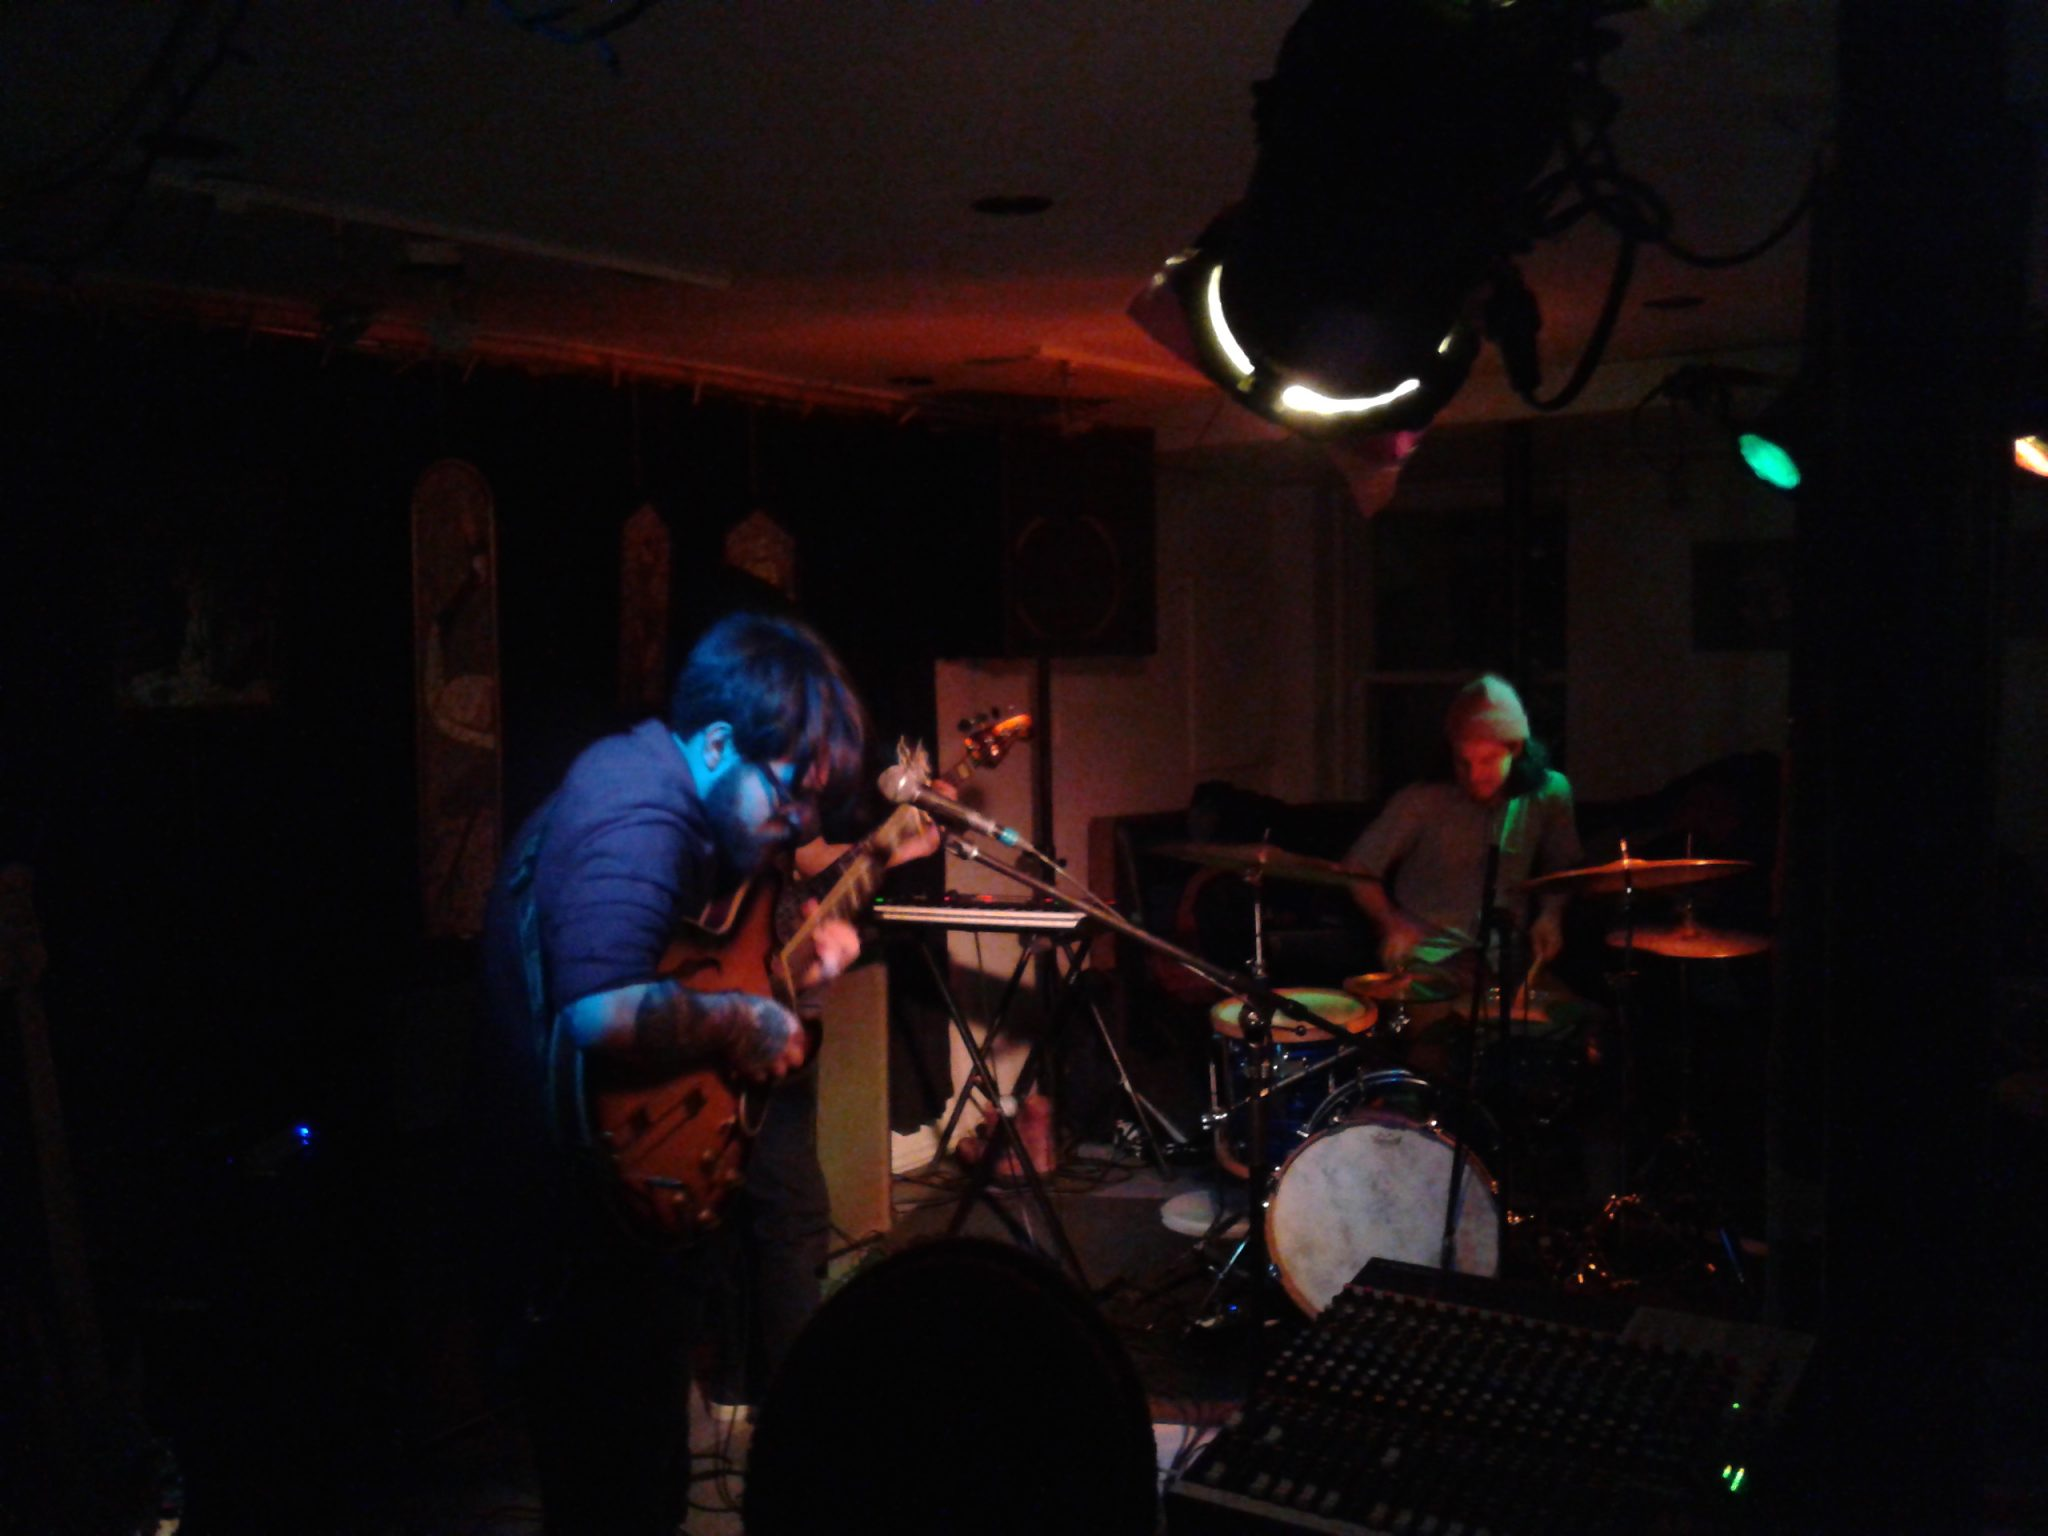 Le trio Renard Blanc lors de ses échanges instrumentaux au Café-bar Zénob. Photo: A. Vaillant-Gamache